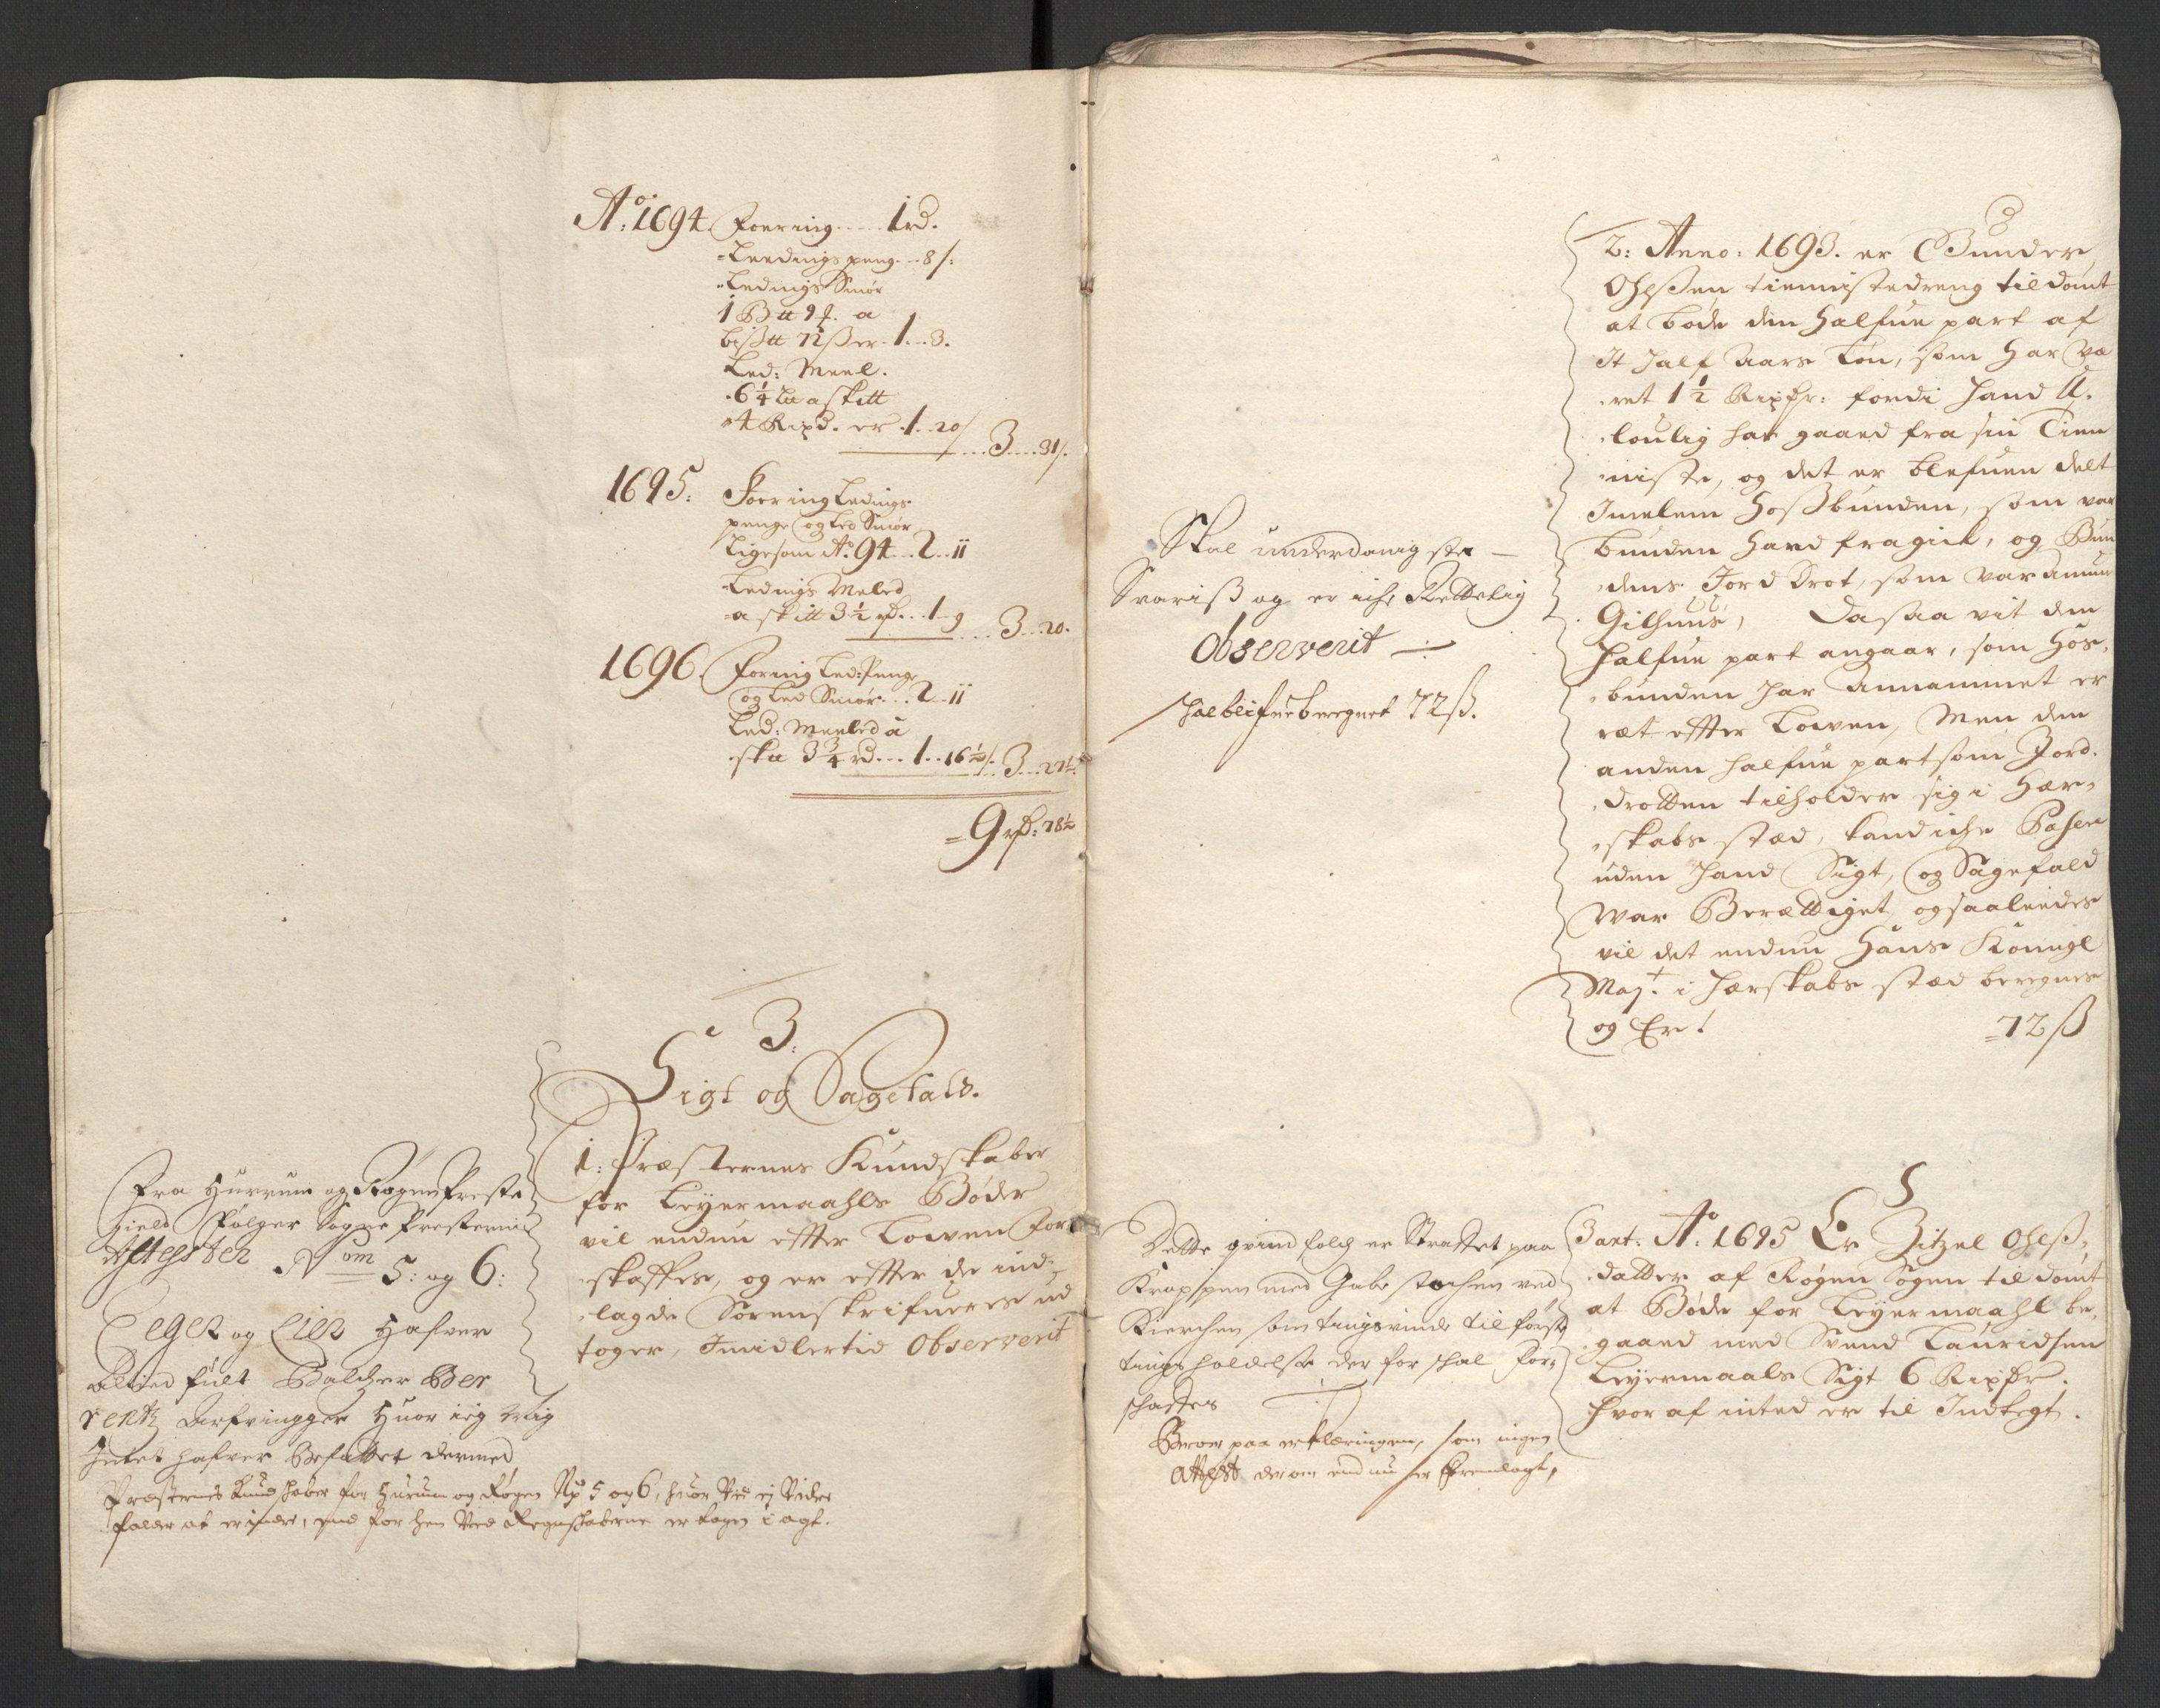 RA, Rentekammeret inntil 1814, Reviderte regnskaper, Fogderegnskap, R30/L1695: Fogderegnskap Hurum, Røyken, Eiker og Lier, 1697, s. 180